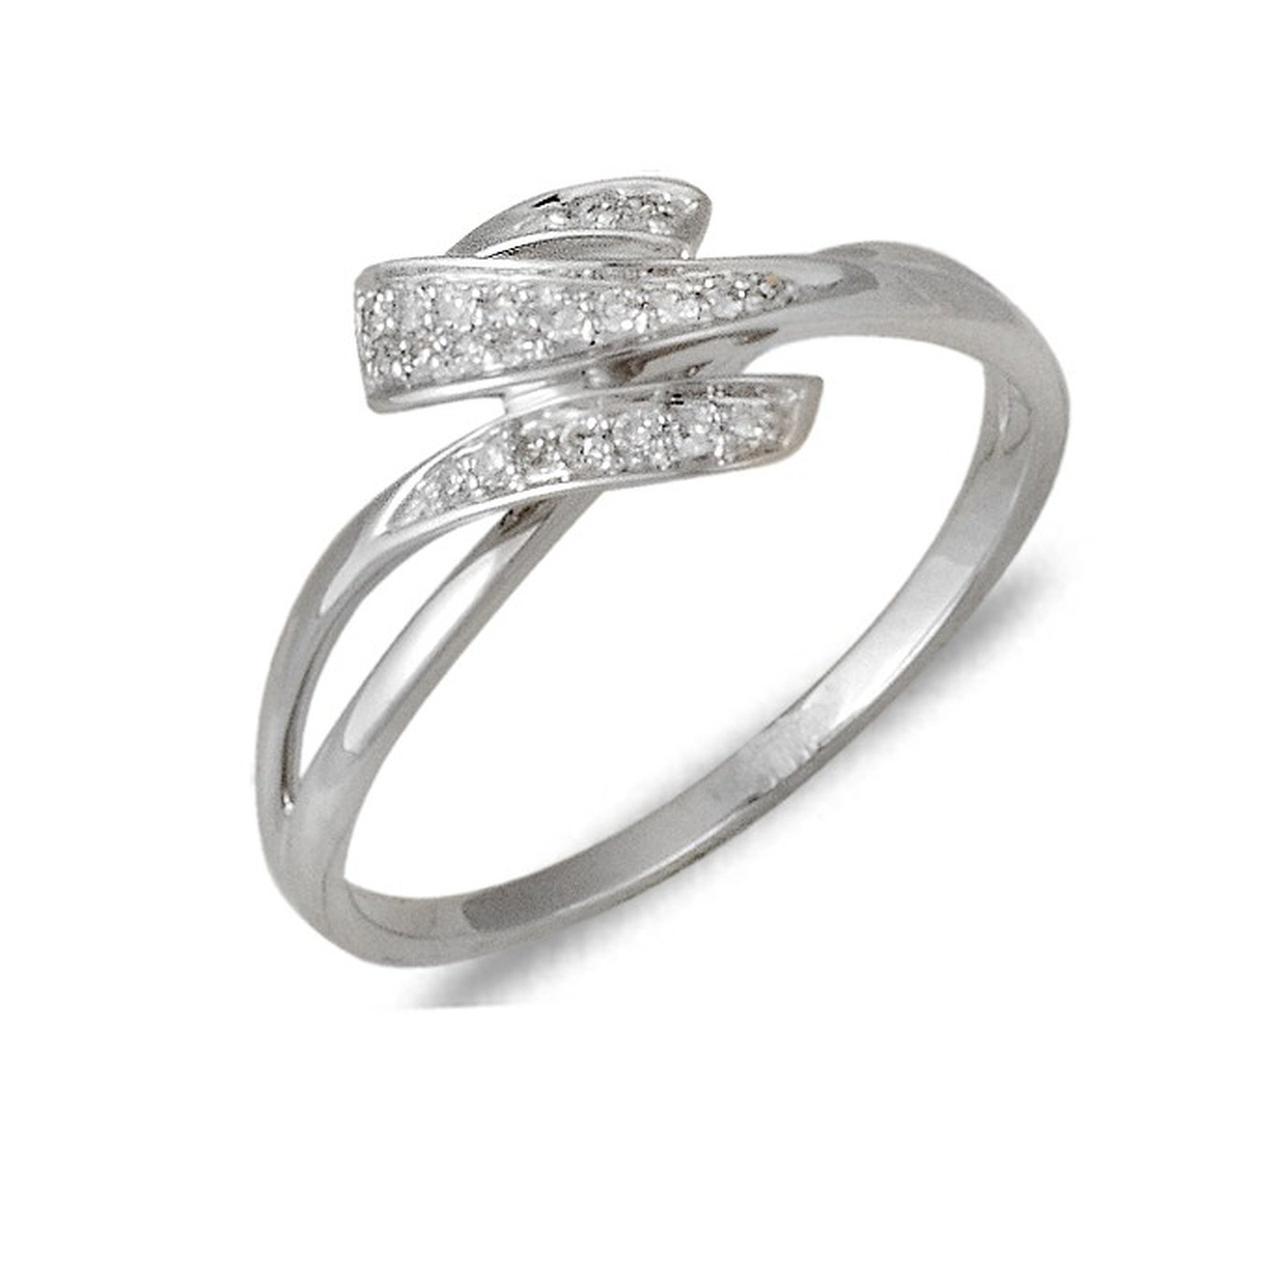 Золотое кольцо с бриллиантами, размер 16 (030167)